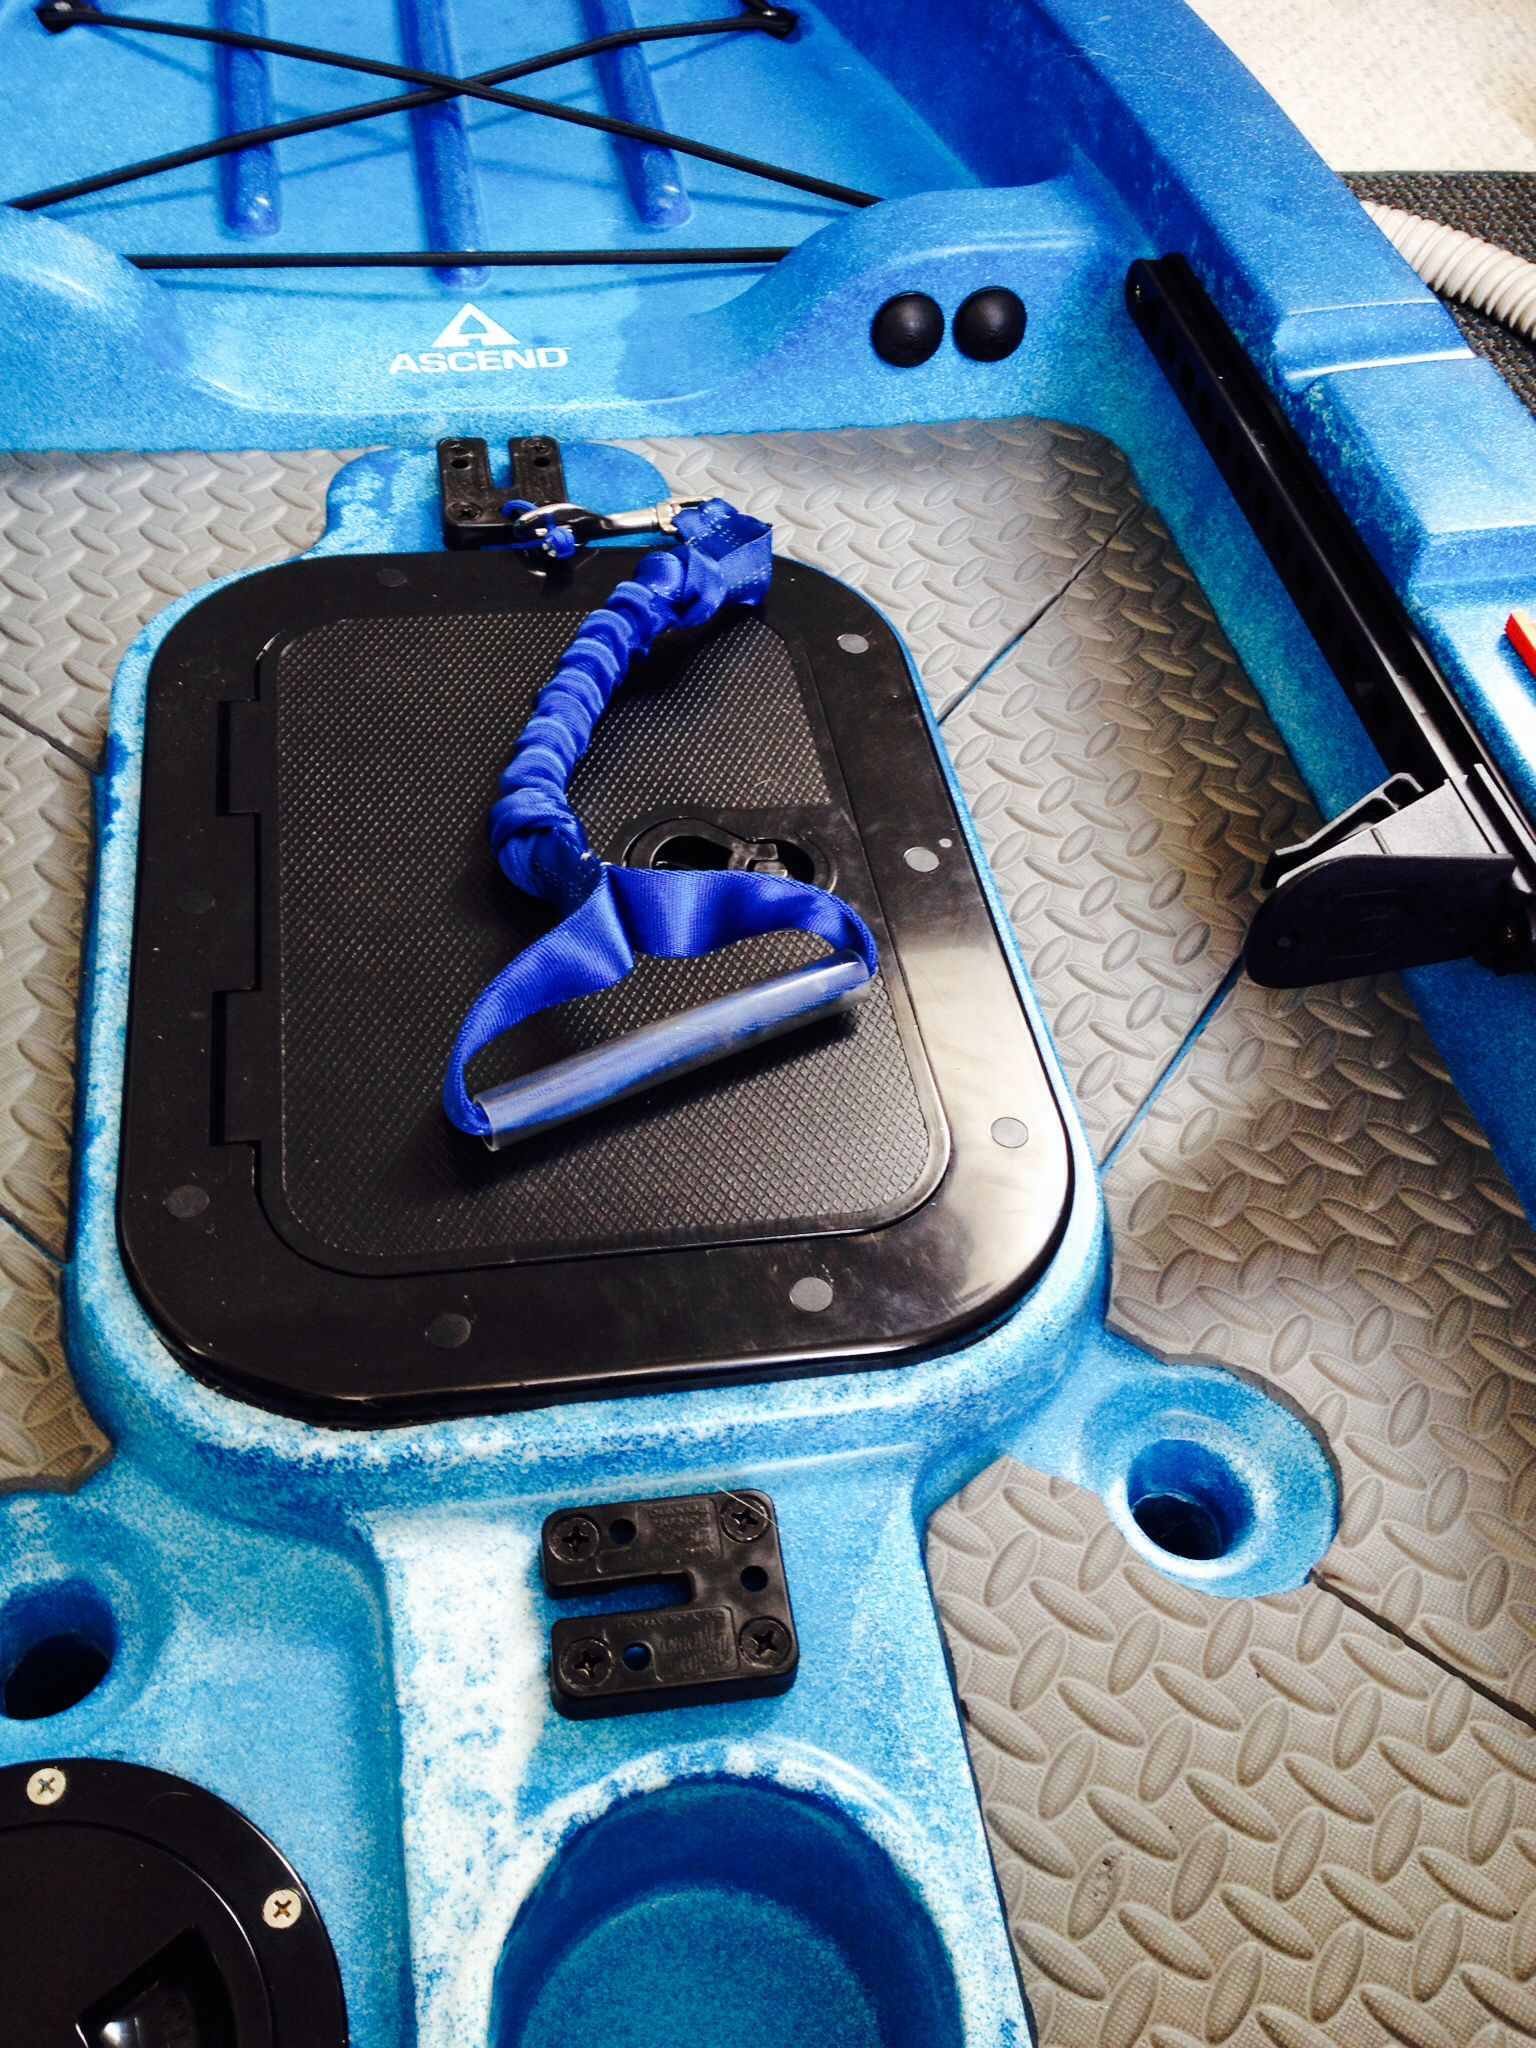 Home made silent traction mat  Bought a $30 roll 4'x8' EVA foam mat